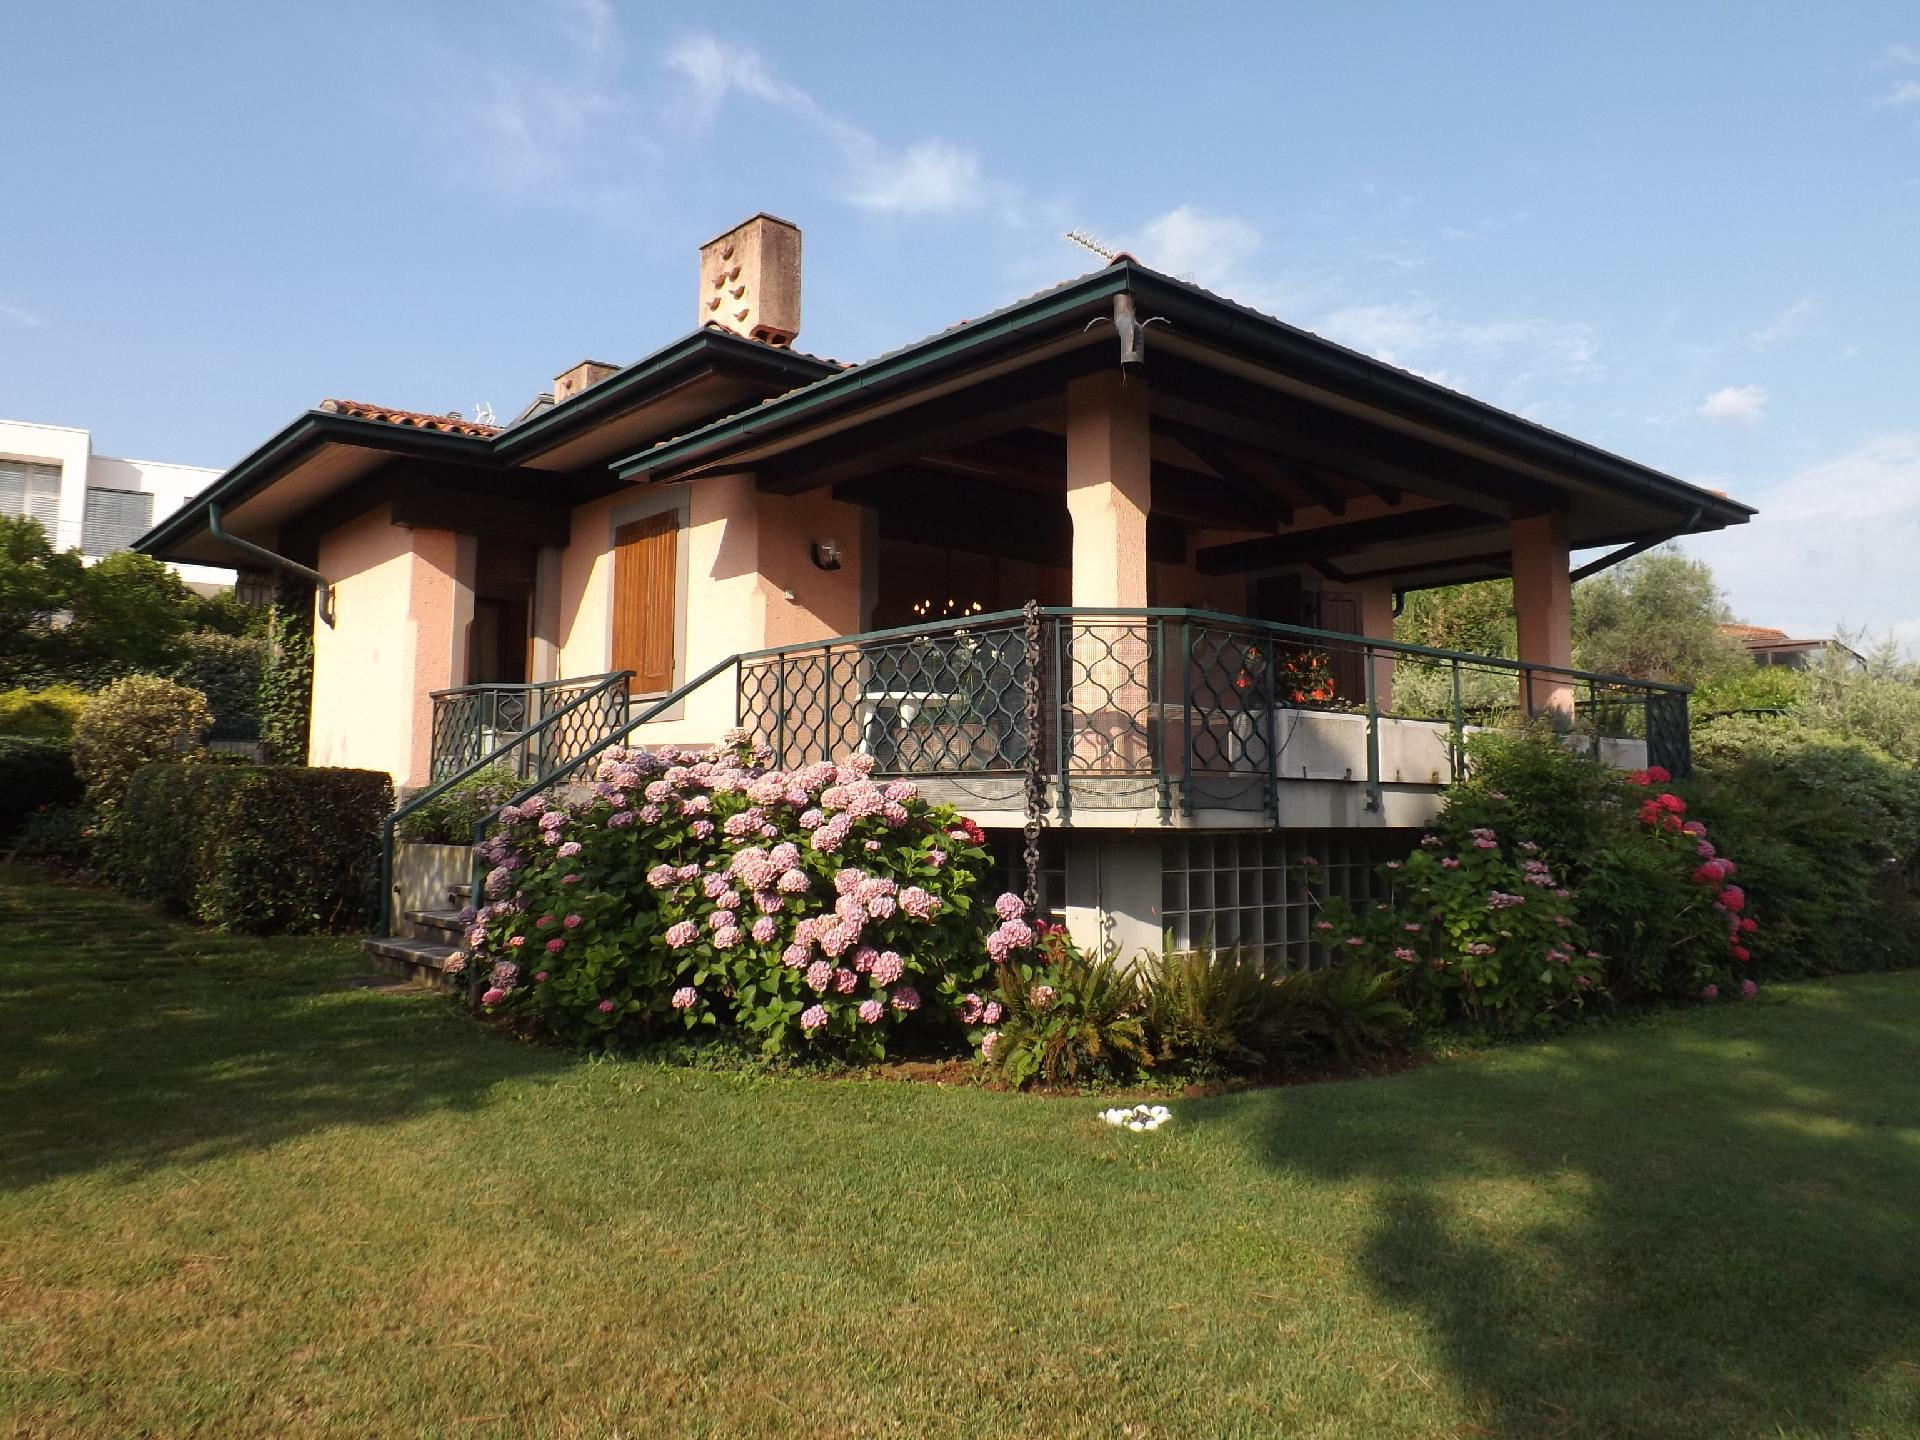 Ferienhaus für 9 Personen ca. 250 m² in    Gardasee - Lago di Garda